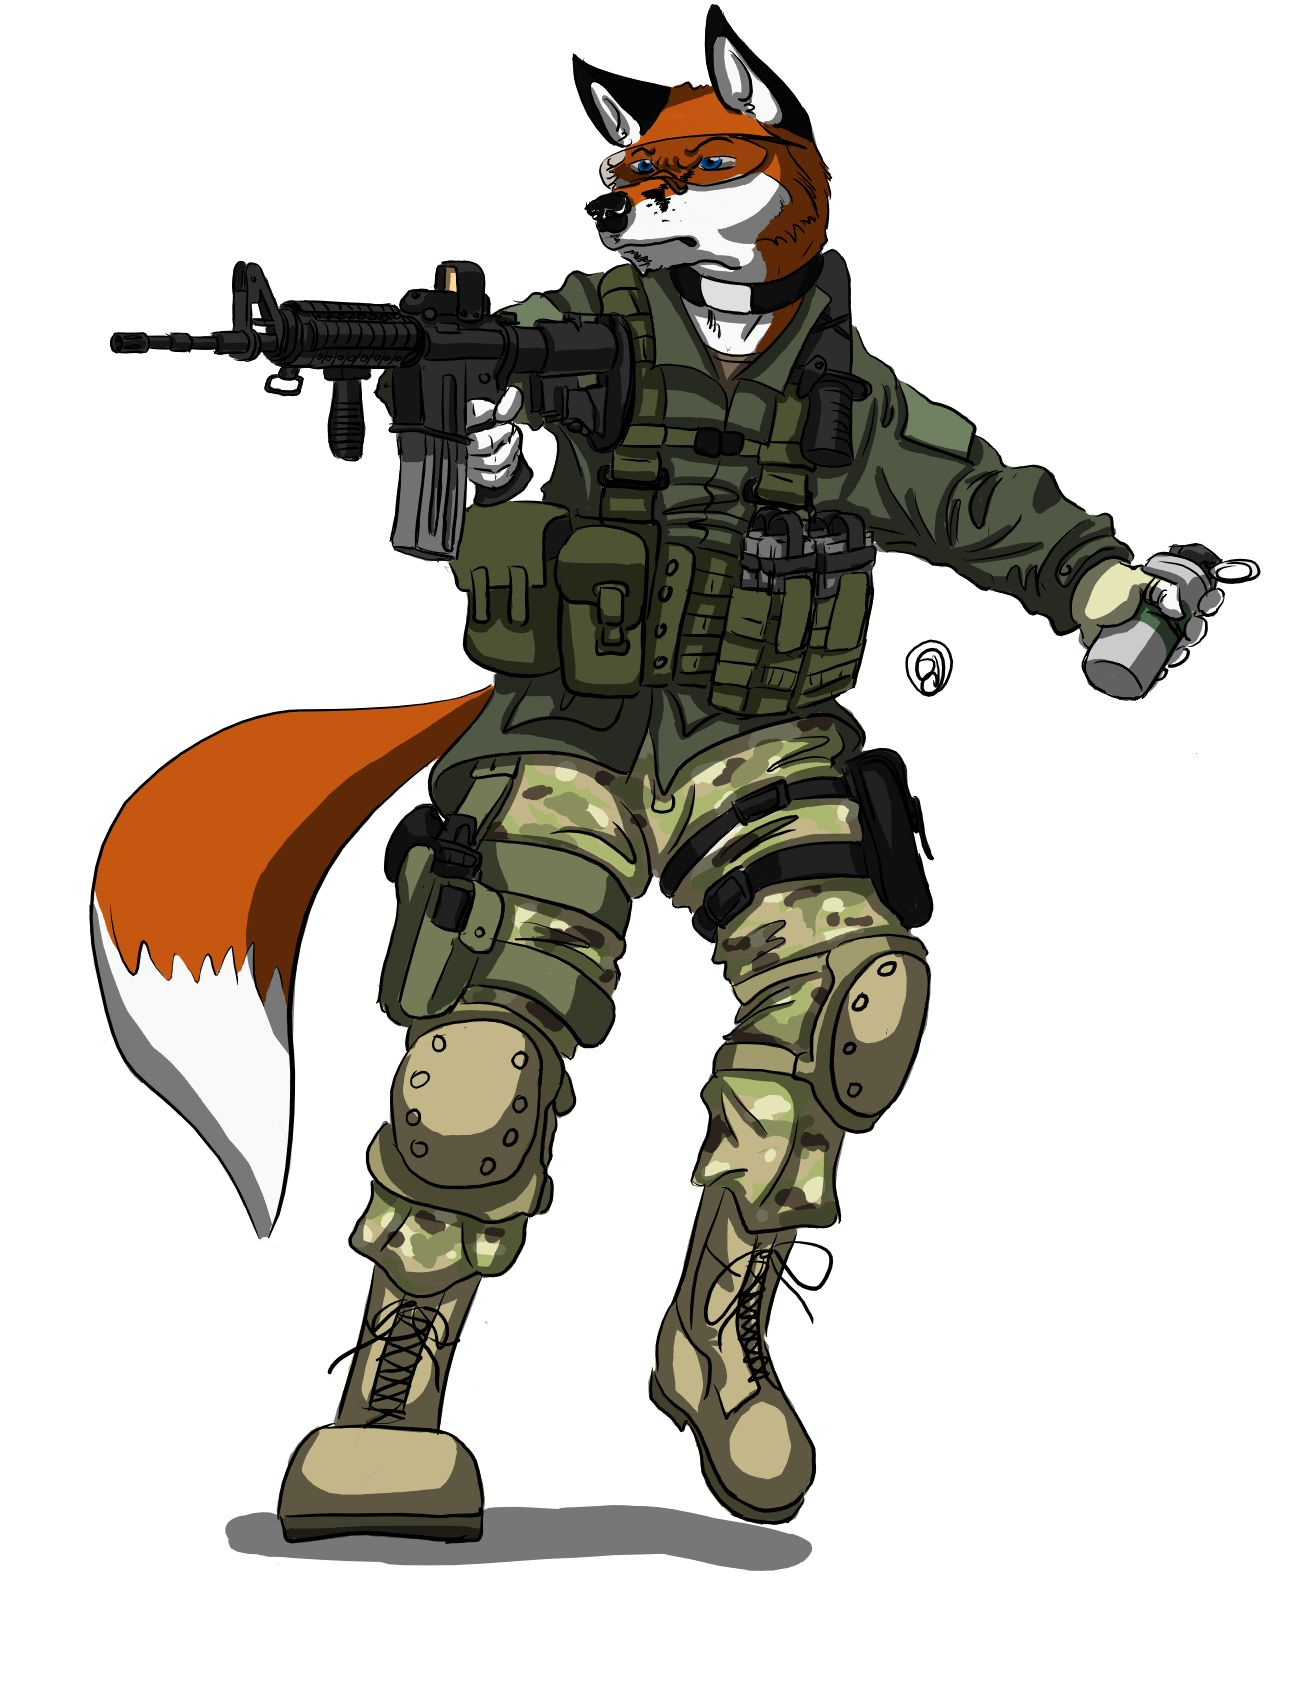 gunsgunsguns_by_kta1540-d2x7zfj.jpg